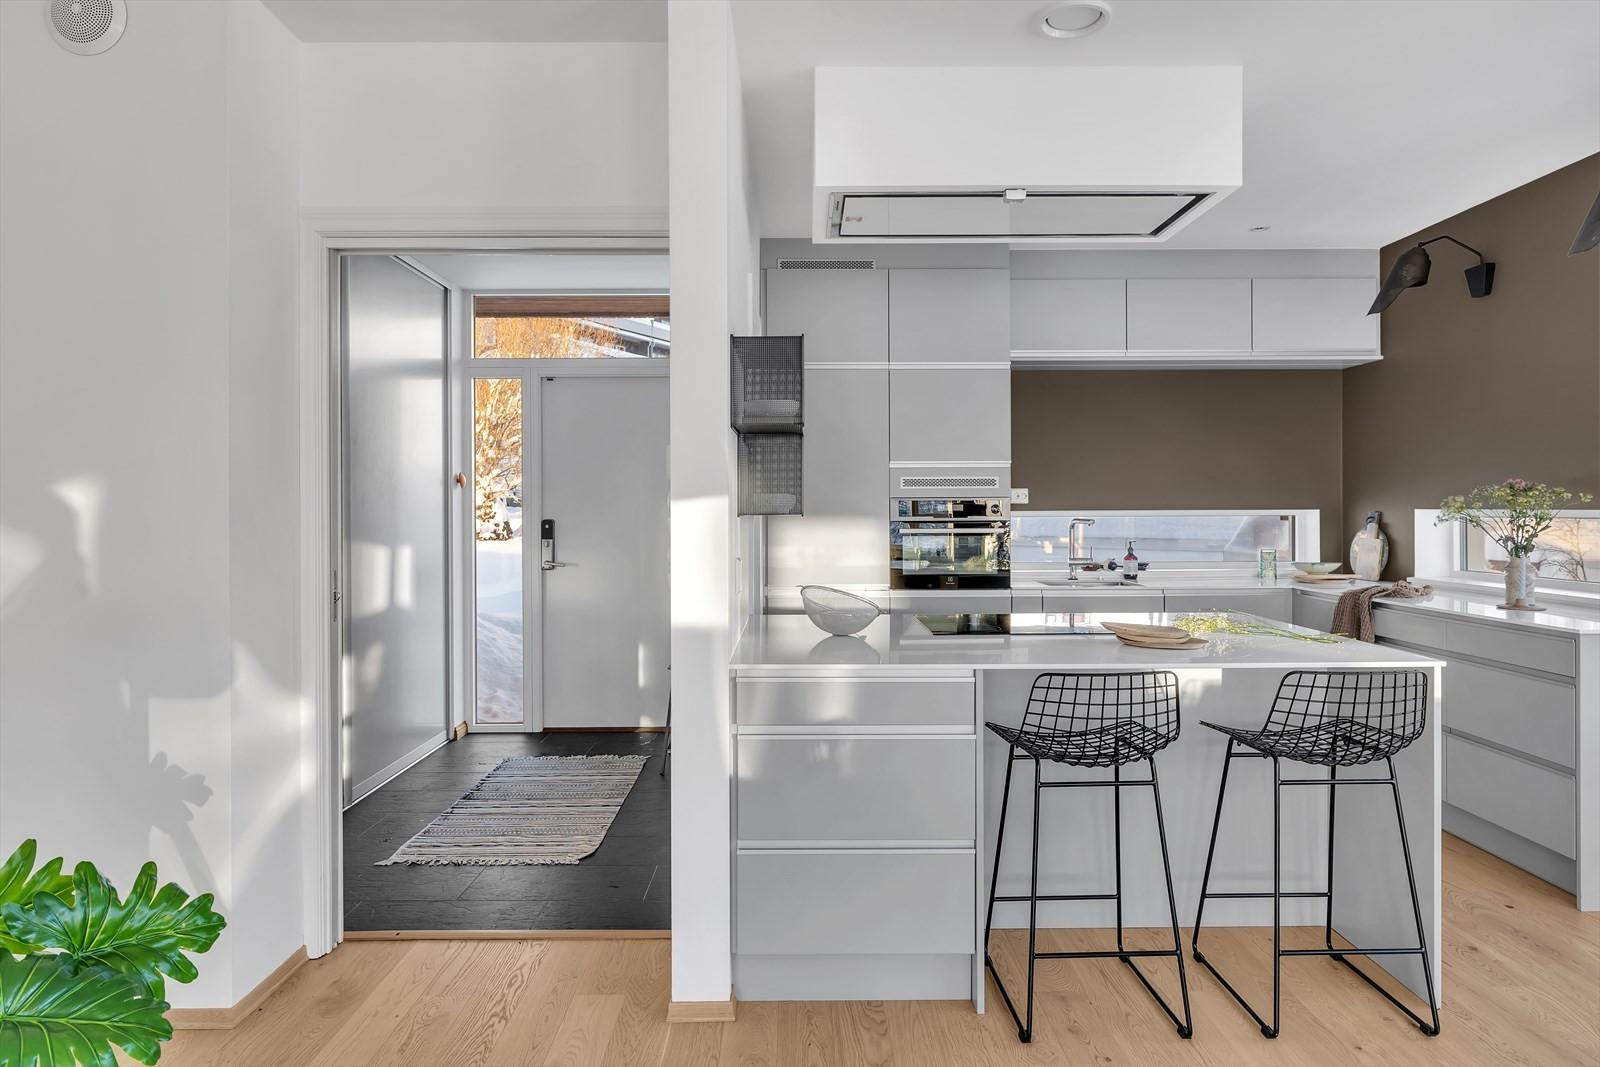 Smart barløsning gjør kjøkkenet sosialt og innbydende